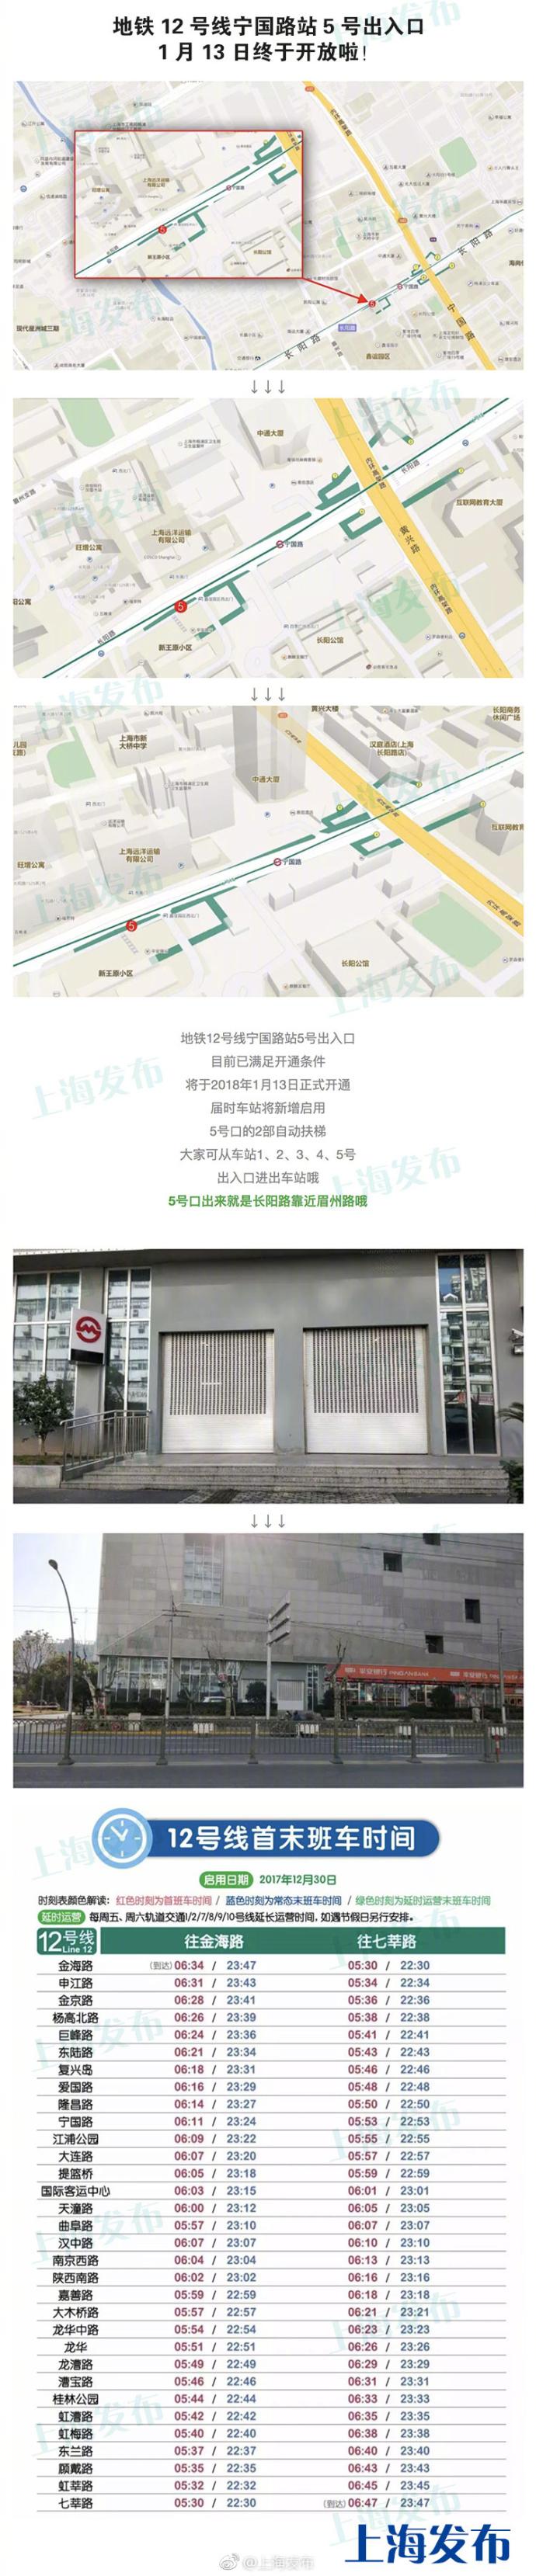 上海地铁12号线宁国路站5号出入口开放 市民出行不用在绕路